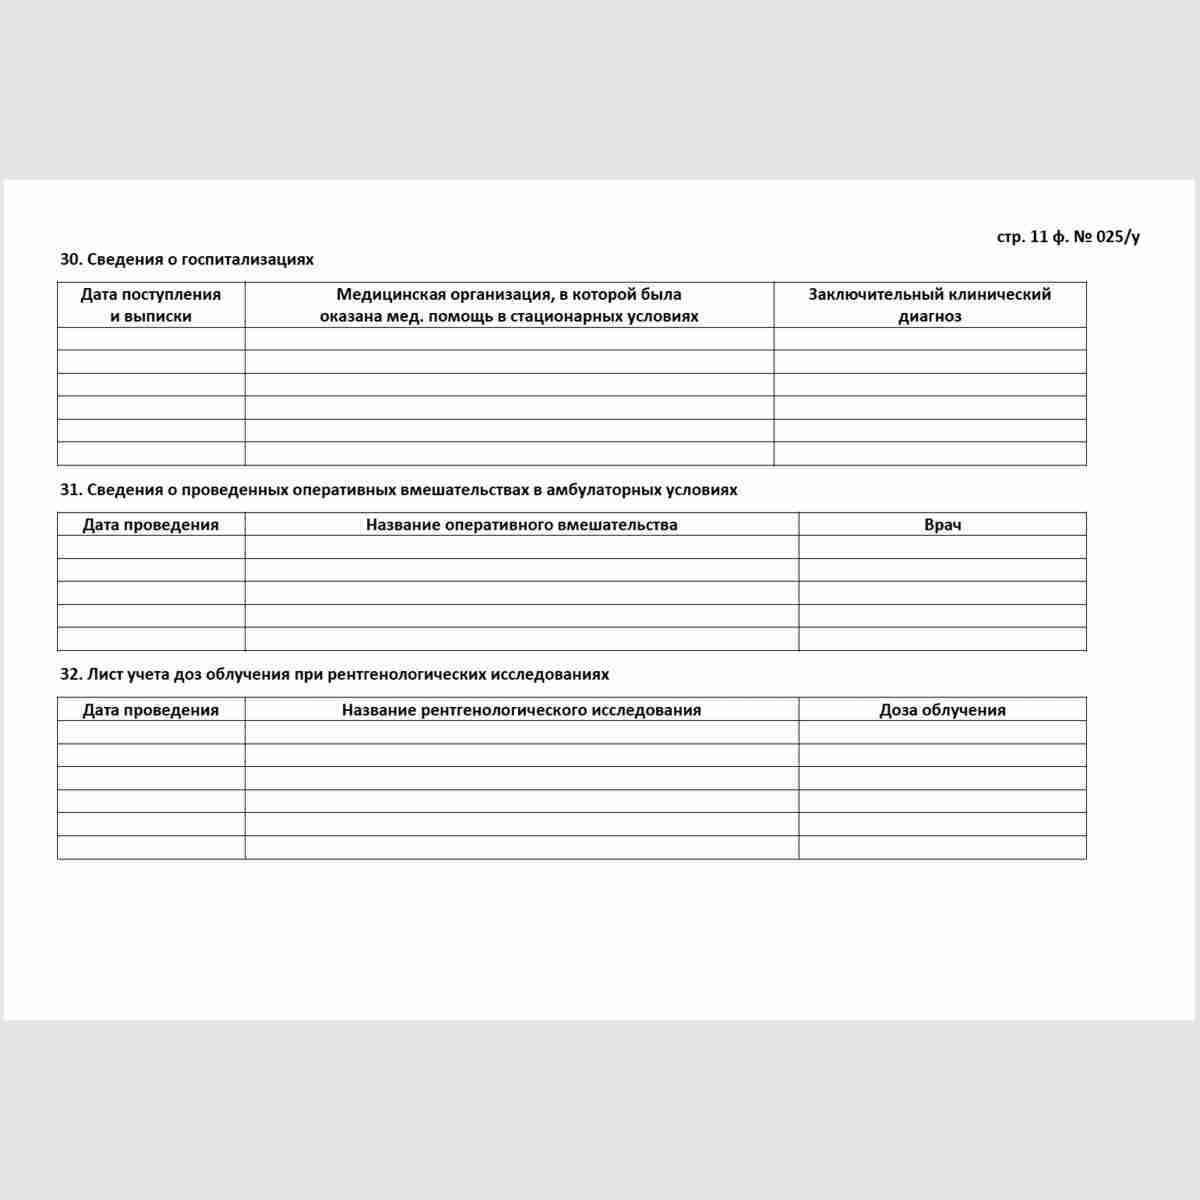 """Учетная форма №025/у """"Медицинская карта пациента, получающего медицинскую помощь в амбулаторных условиях"""". Стр. 11"""